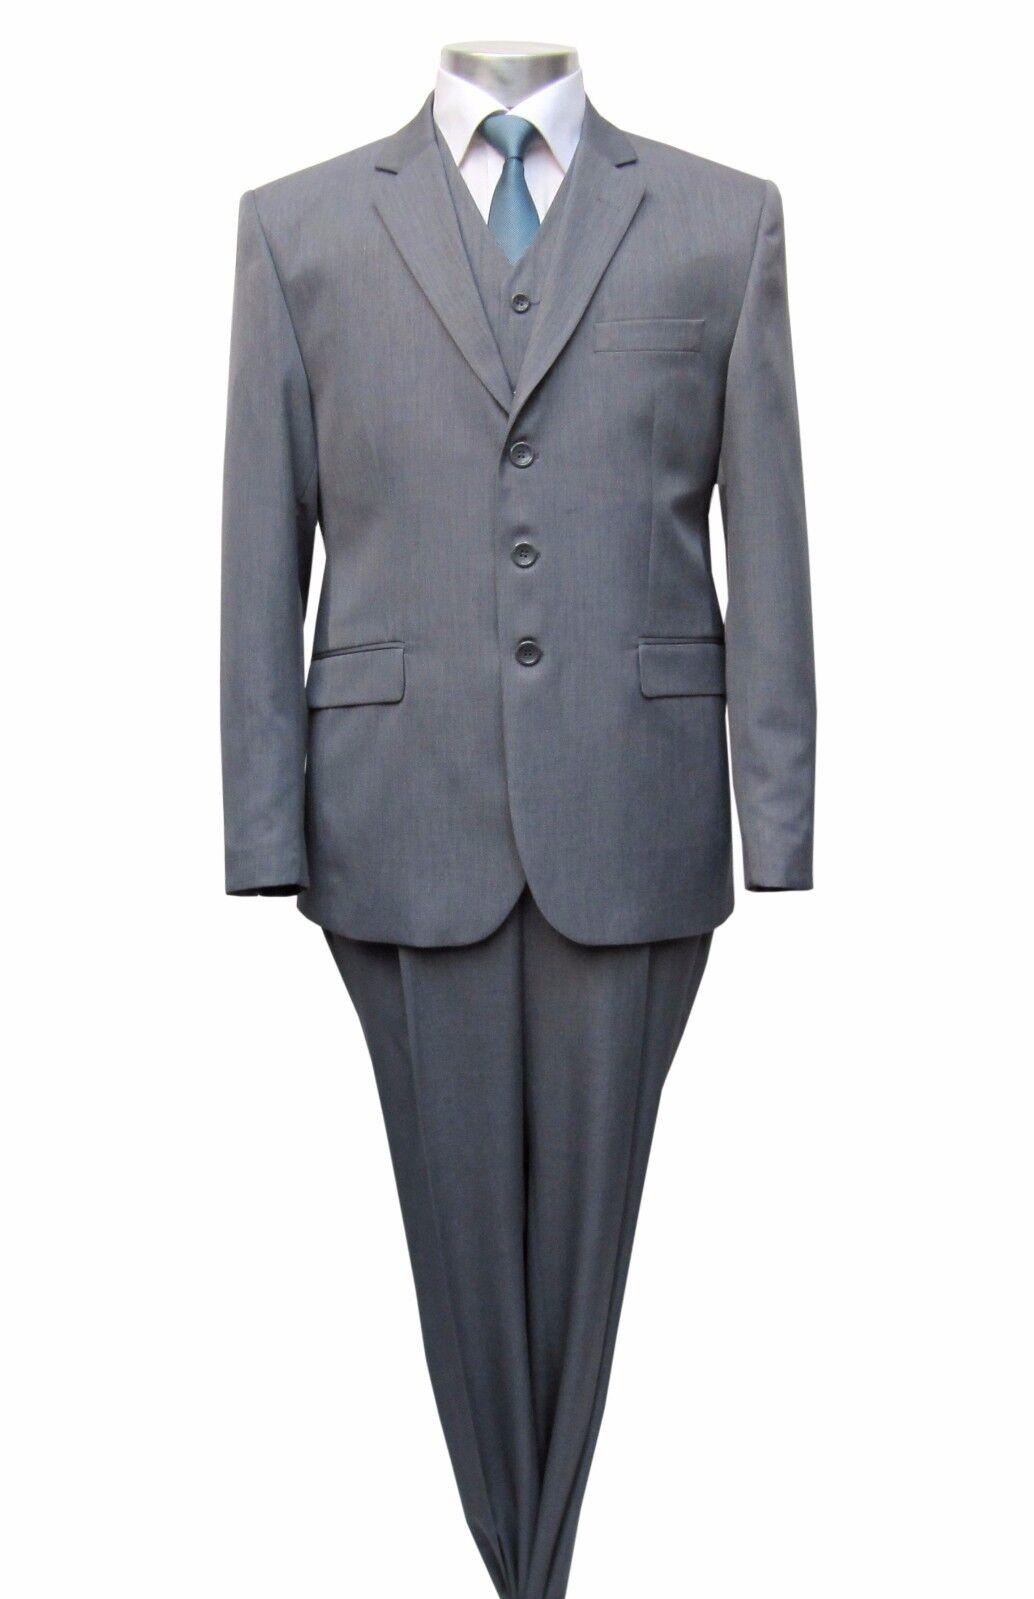 Herren Anzug mit Weste Gr.54 Grau